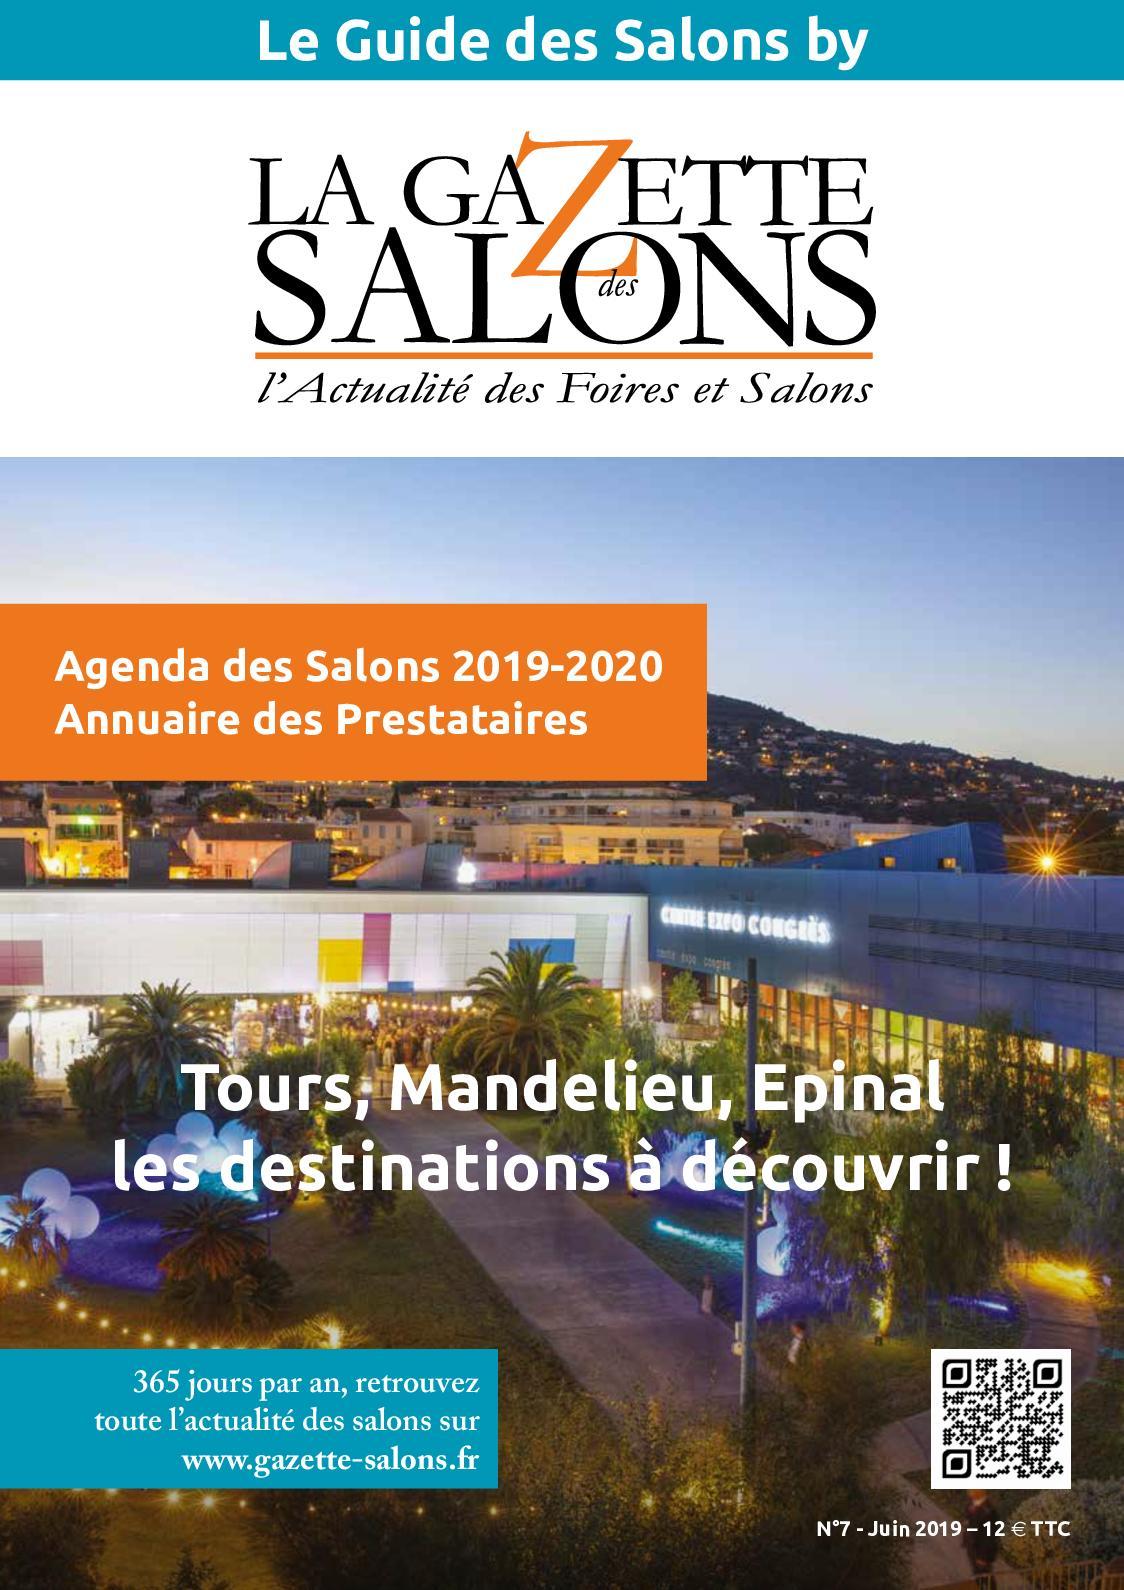 Salon Villepinte Calendrier 2020.Calameo Le Guide De La Gazette Des Salons N 7 Juin 2019